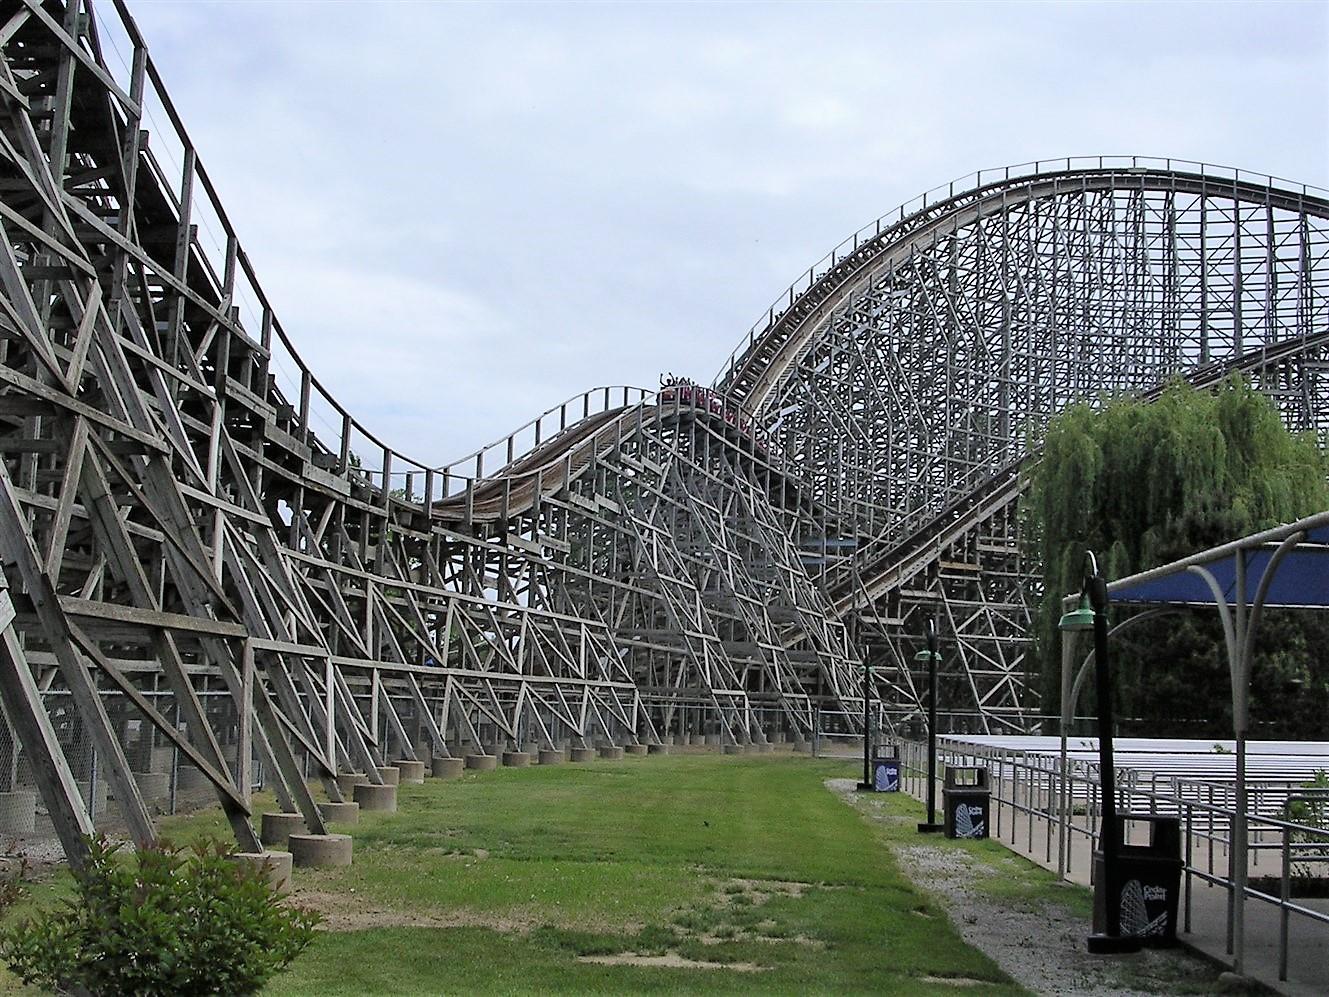 2005 06 03 Cedar Point 15.jpg